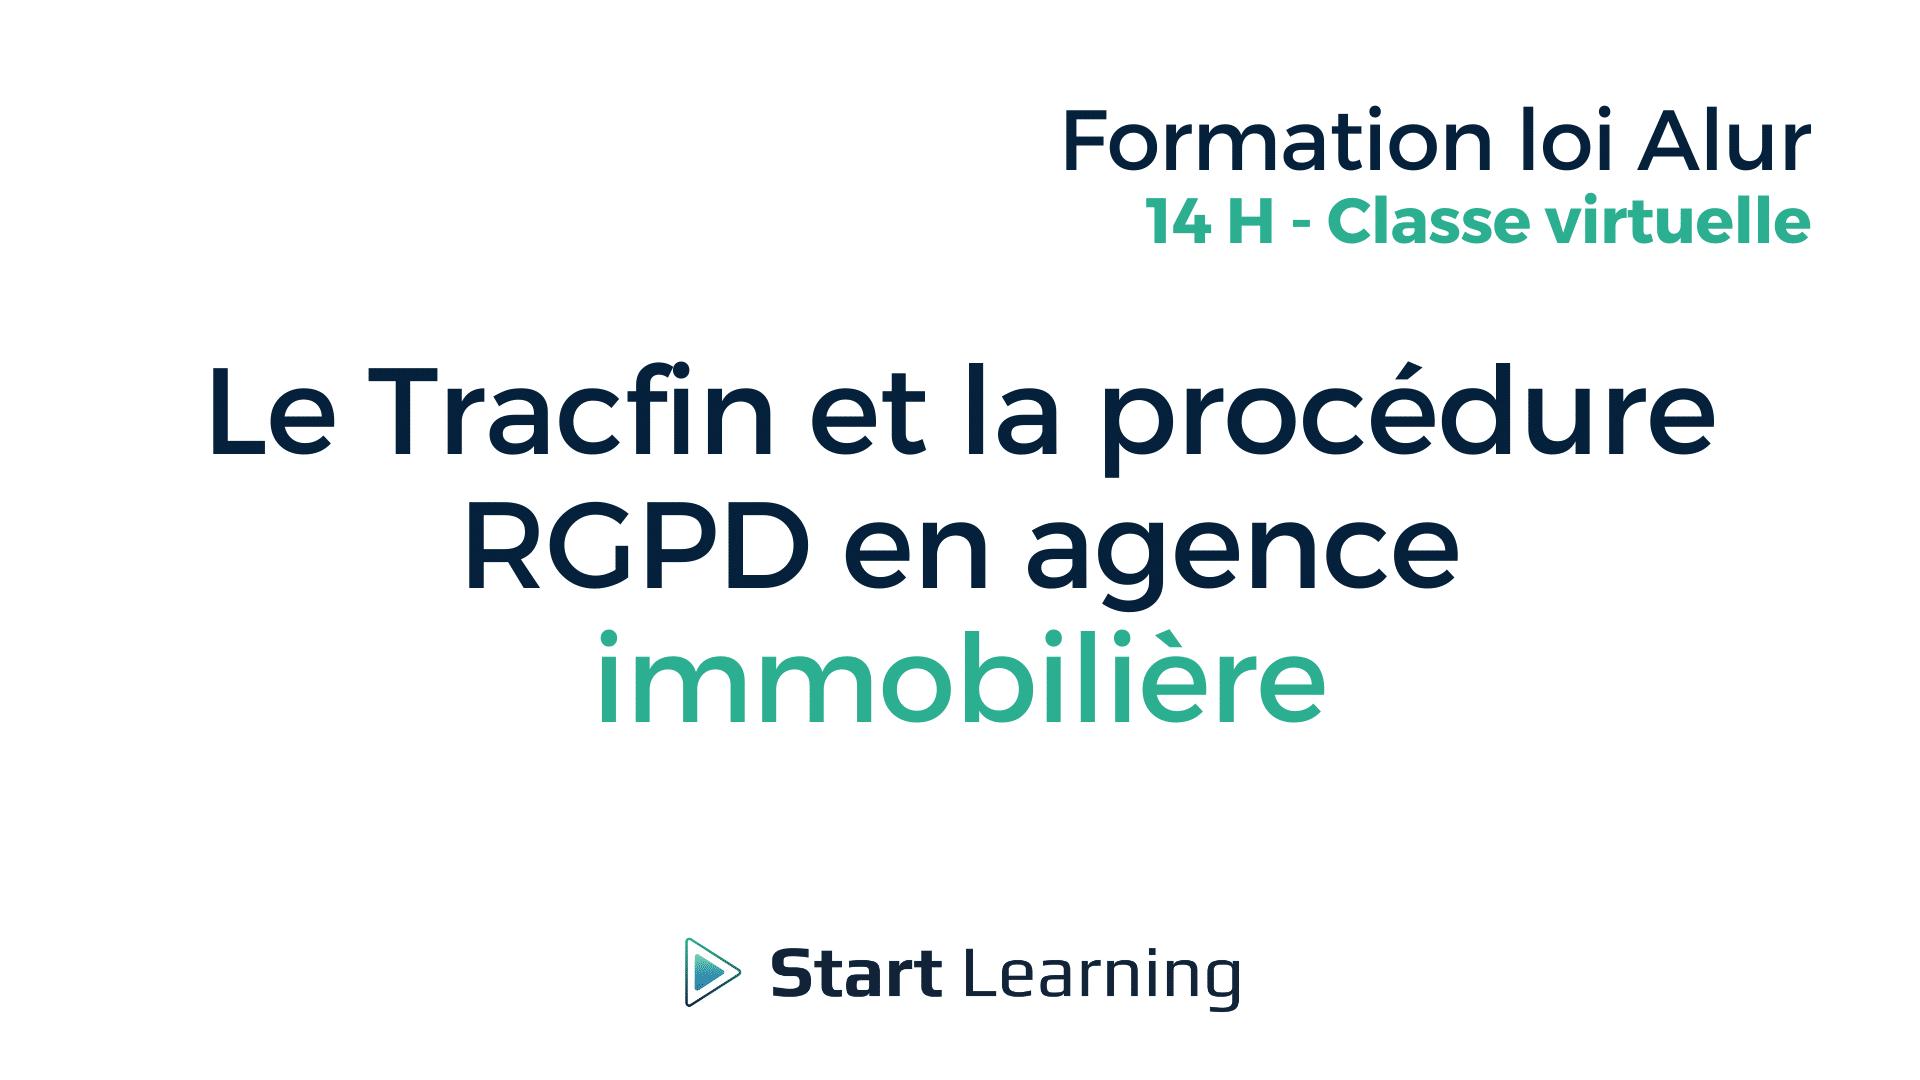 Le Tracfin et la procédure RGPD en agence immobilière - Classe virtuelle